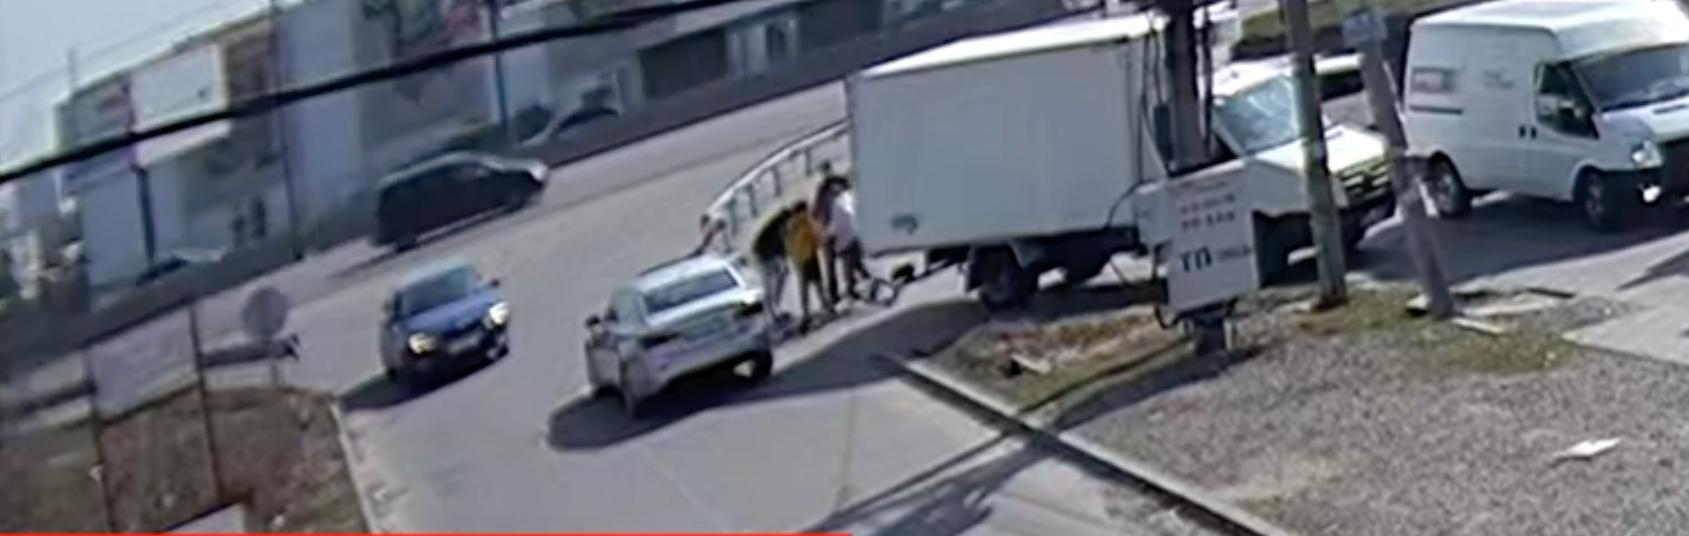 ДТП під Києвом: водій збив велосипедиста (відео) - Гатне, велосипедист - Snymok ekrana 2020 03 27 v 19.19.56